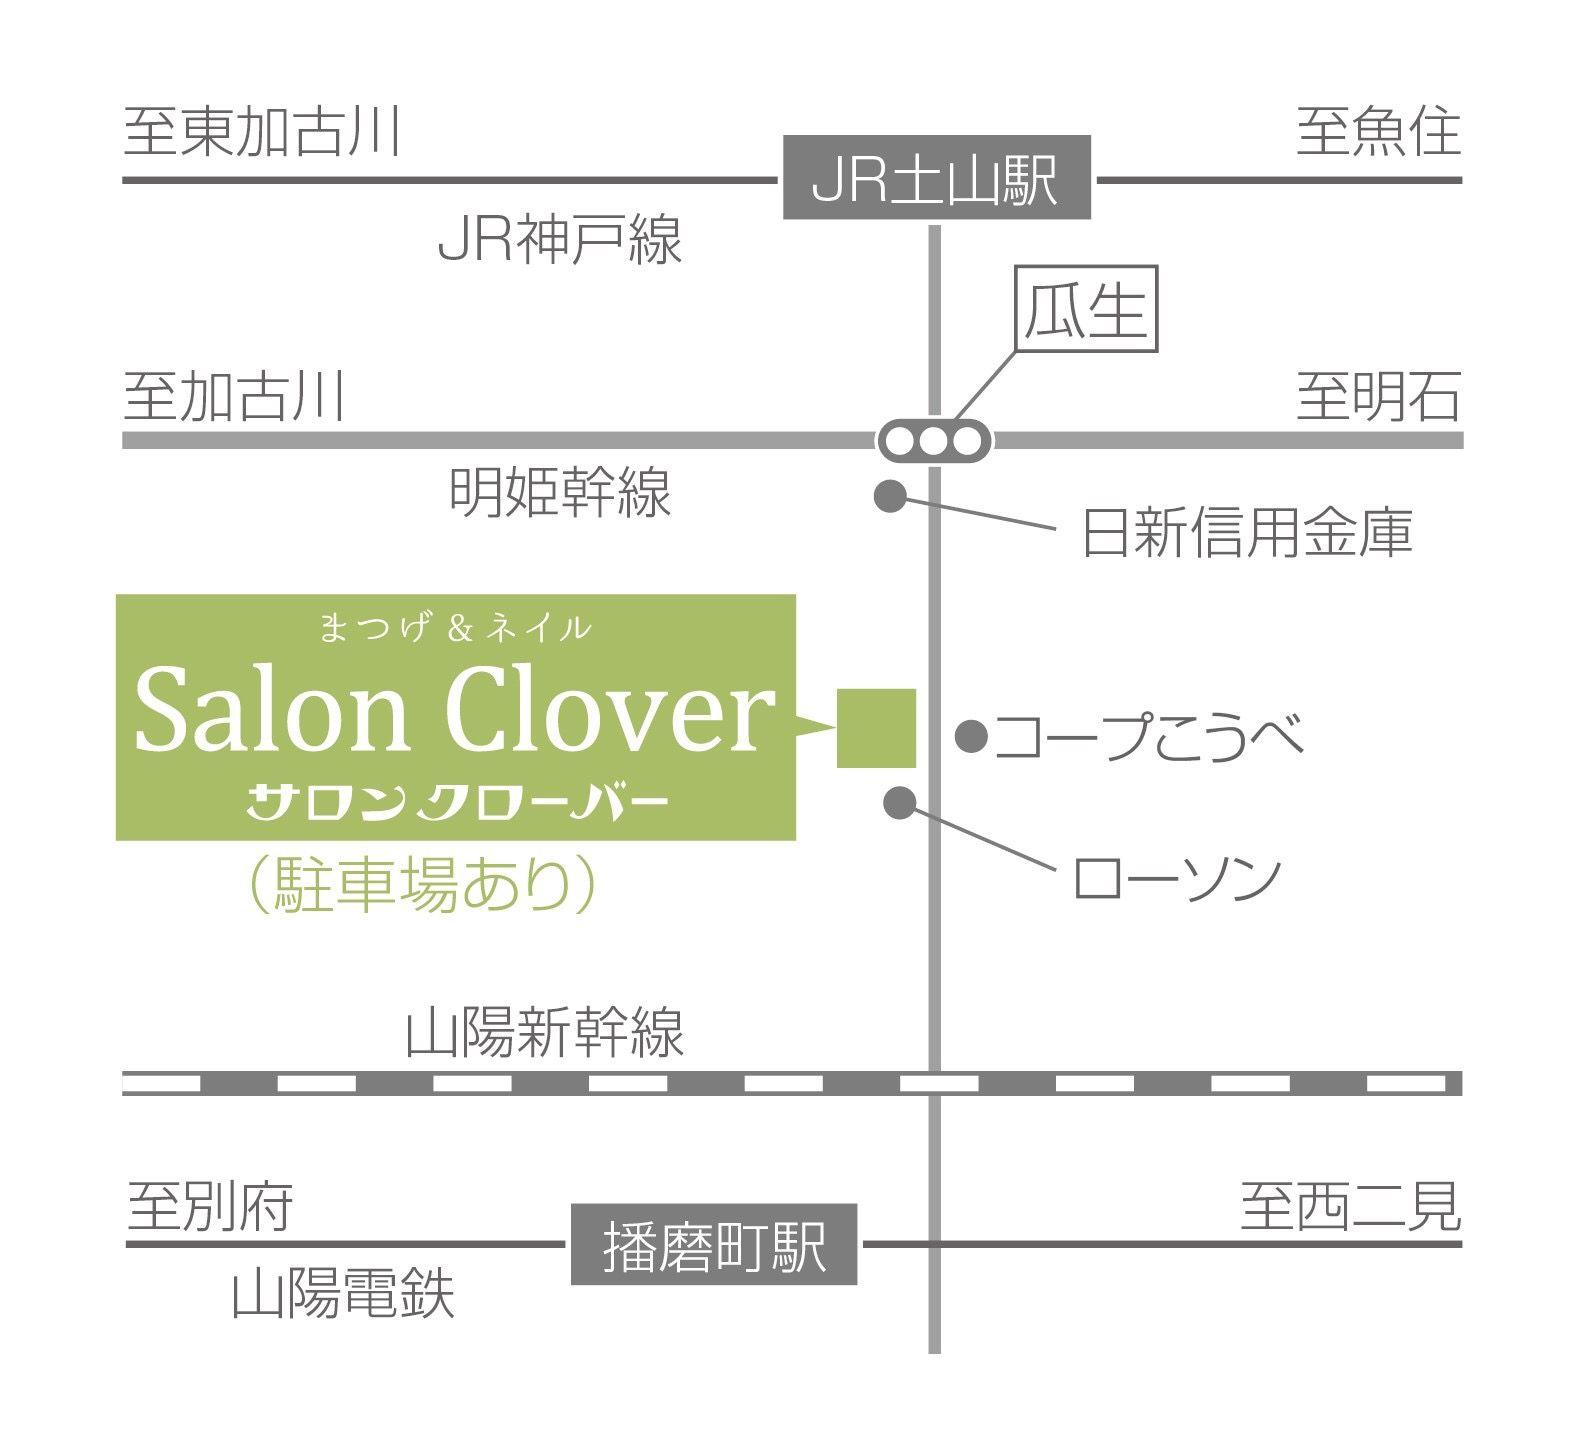 サロンクローバーへのアクセスマップ